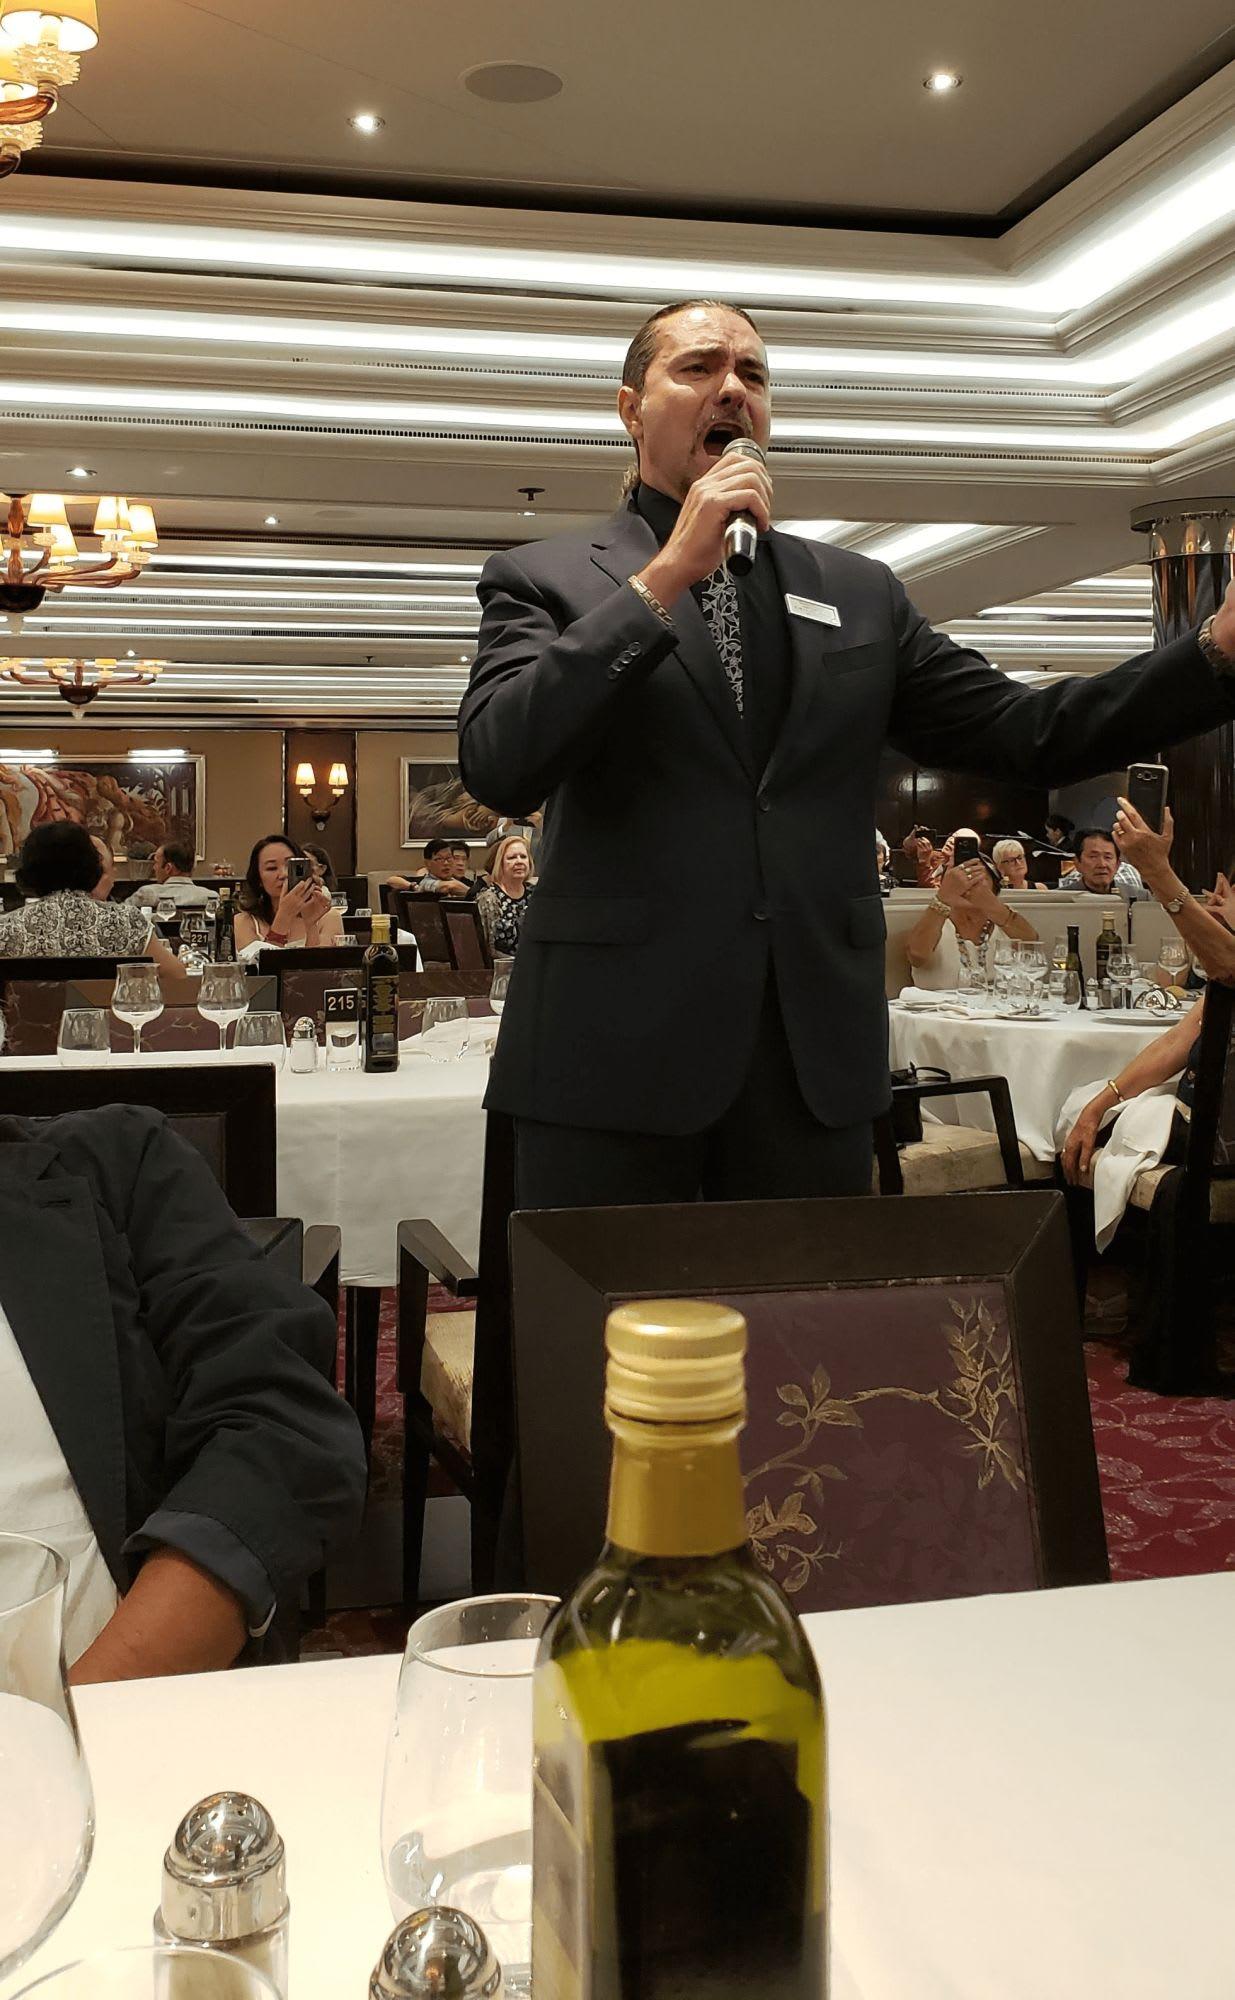 レストランで素晴らしい歌声を披露するジョバンニさん